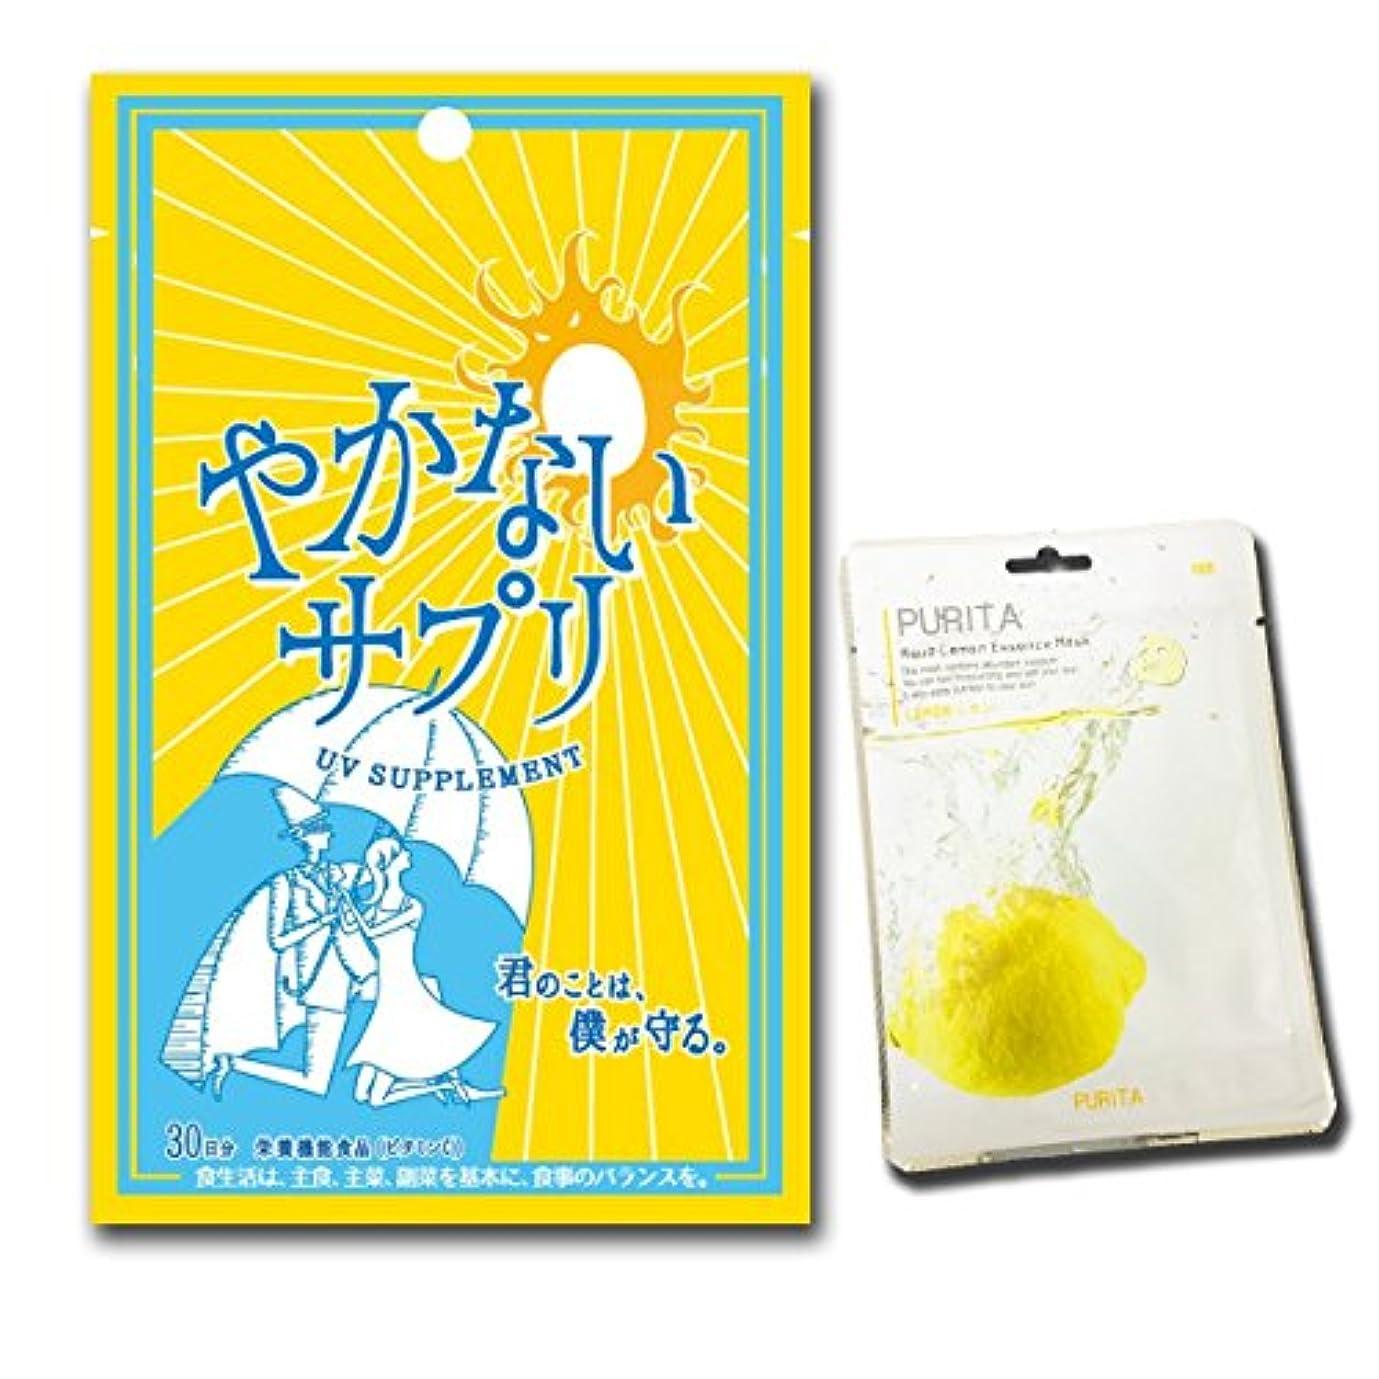 対人孤独な化合物飲む日焼け止め やかないサプリ 日本製 (30粒/30日分) PURITAフェイスマスク1枚付